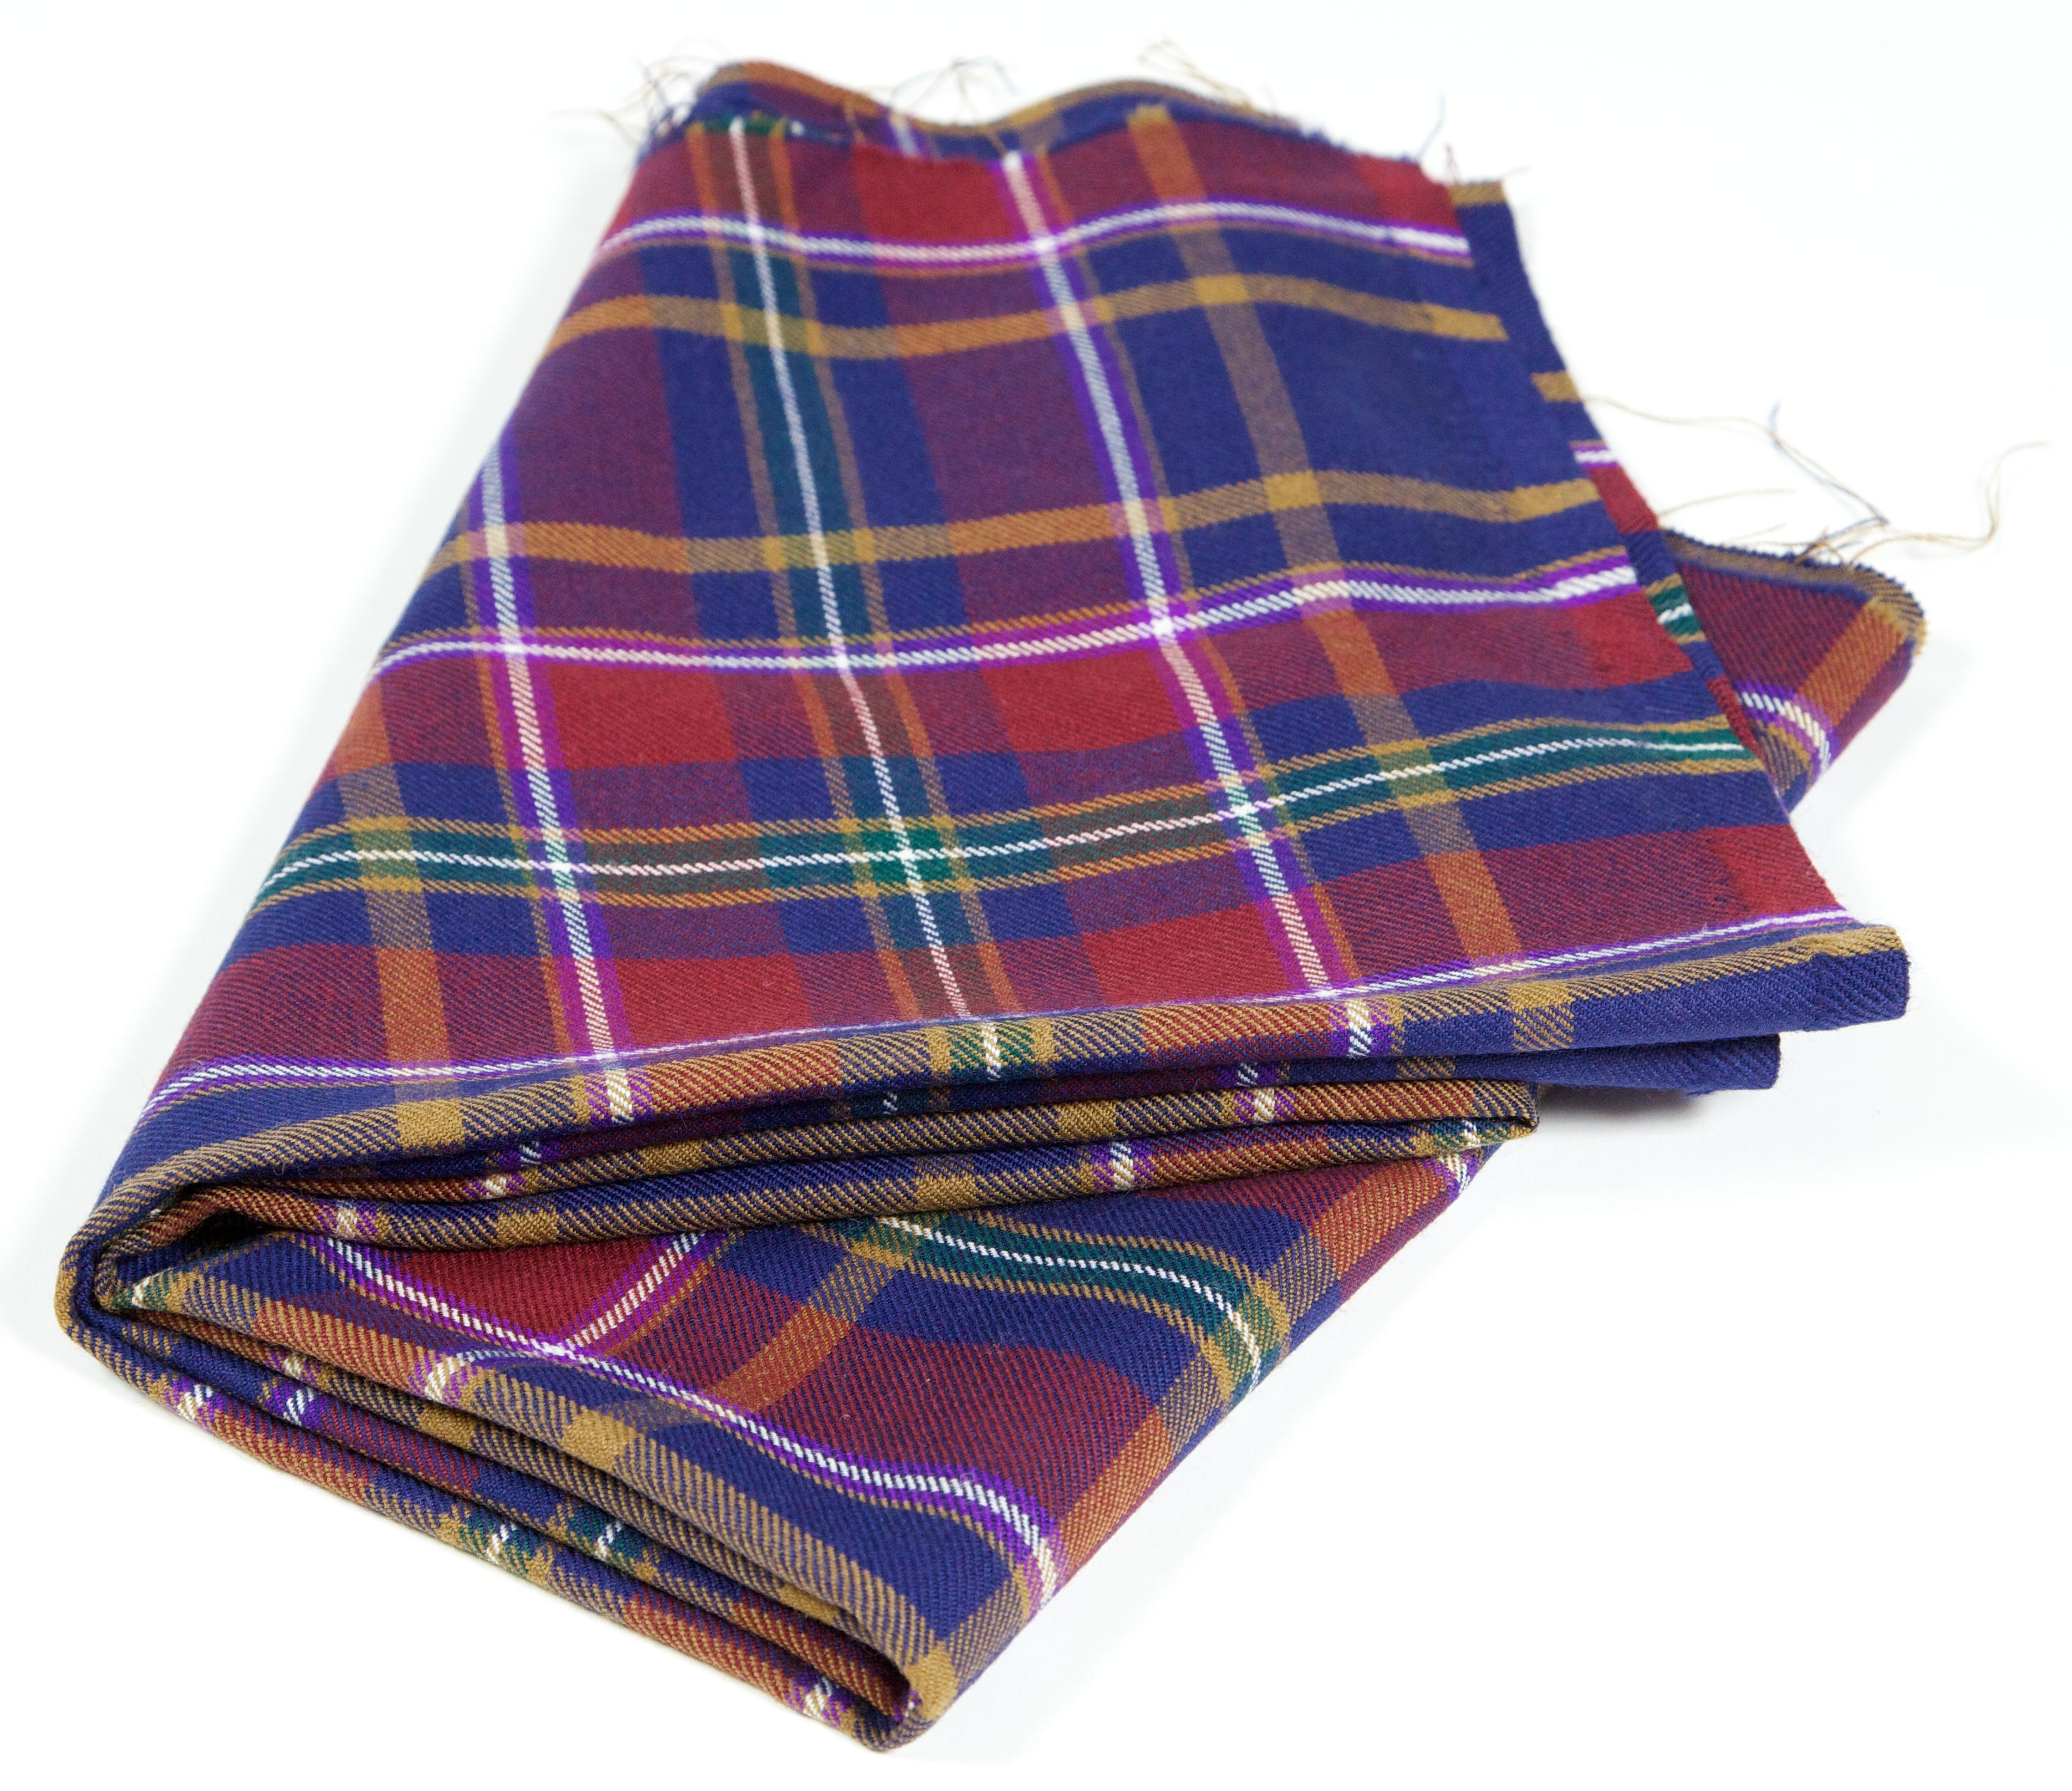 Queen's Tartan Fabric image